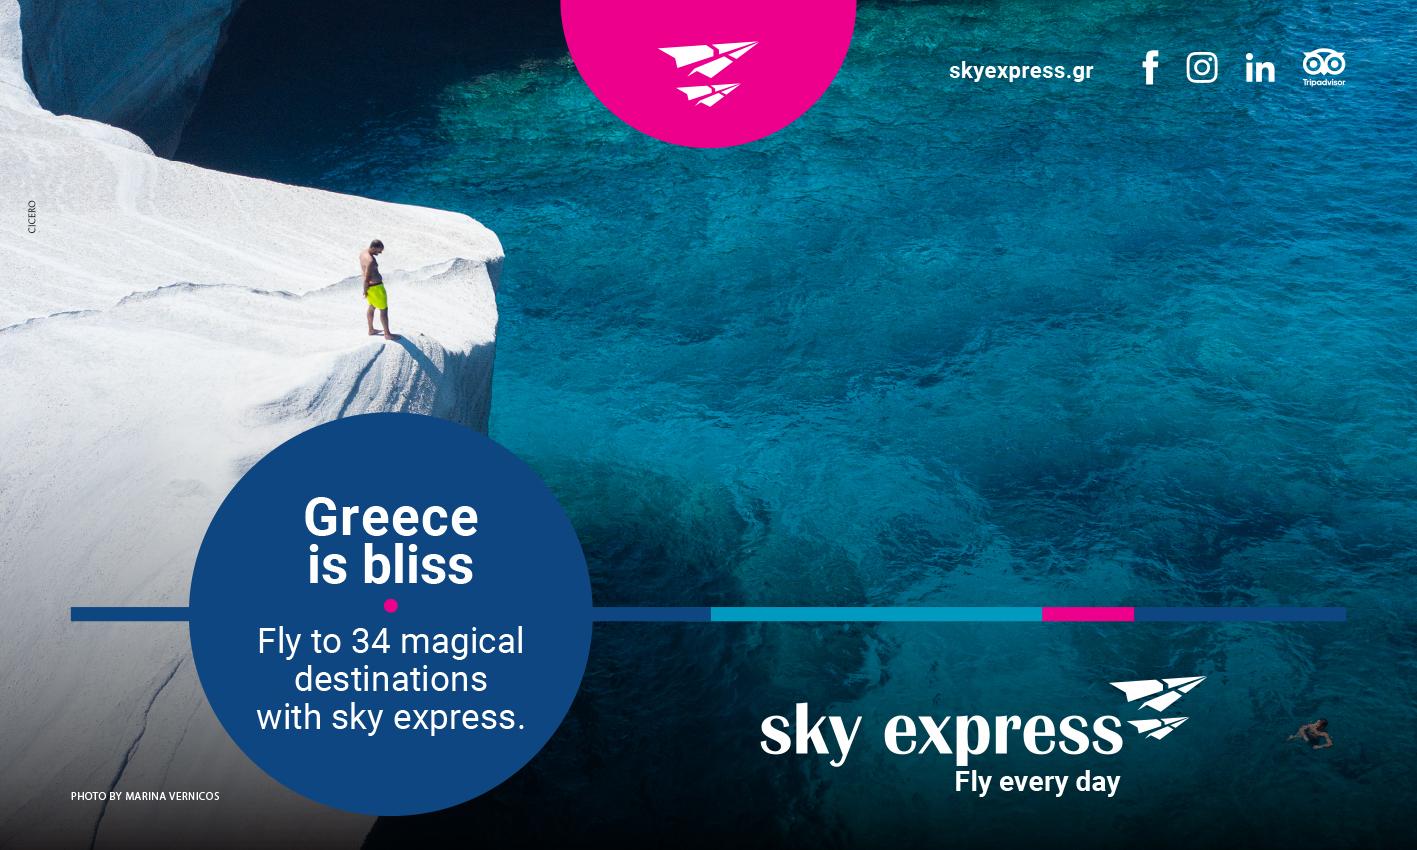 Η νέα καμπάνια προβολής της Ελλάδας στο εξωτερικό από τη Sky Express, με φωτογραφίες της Μαρίνας Βερνίκου